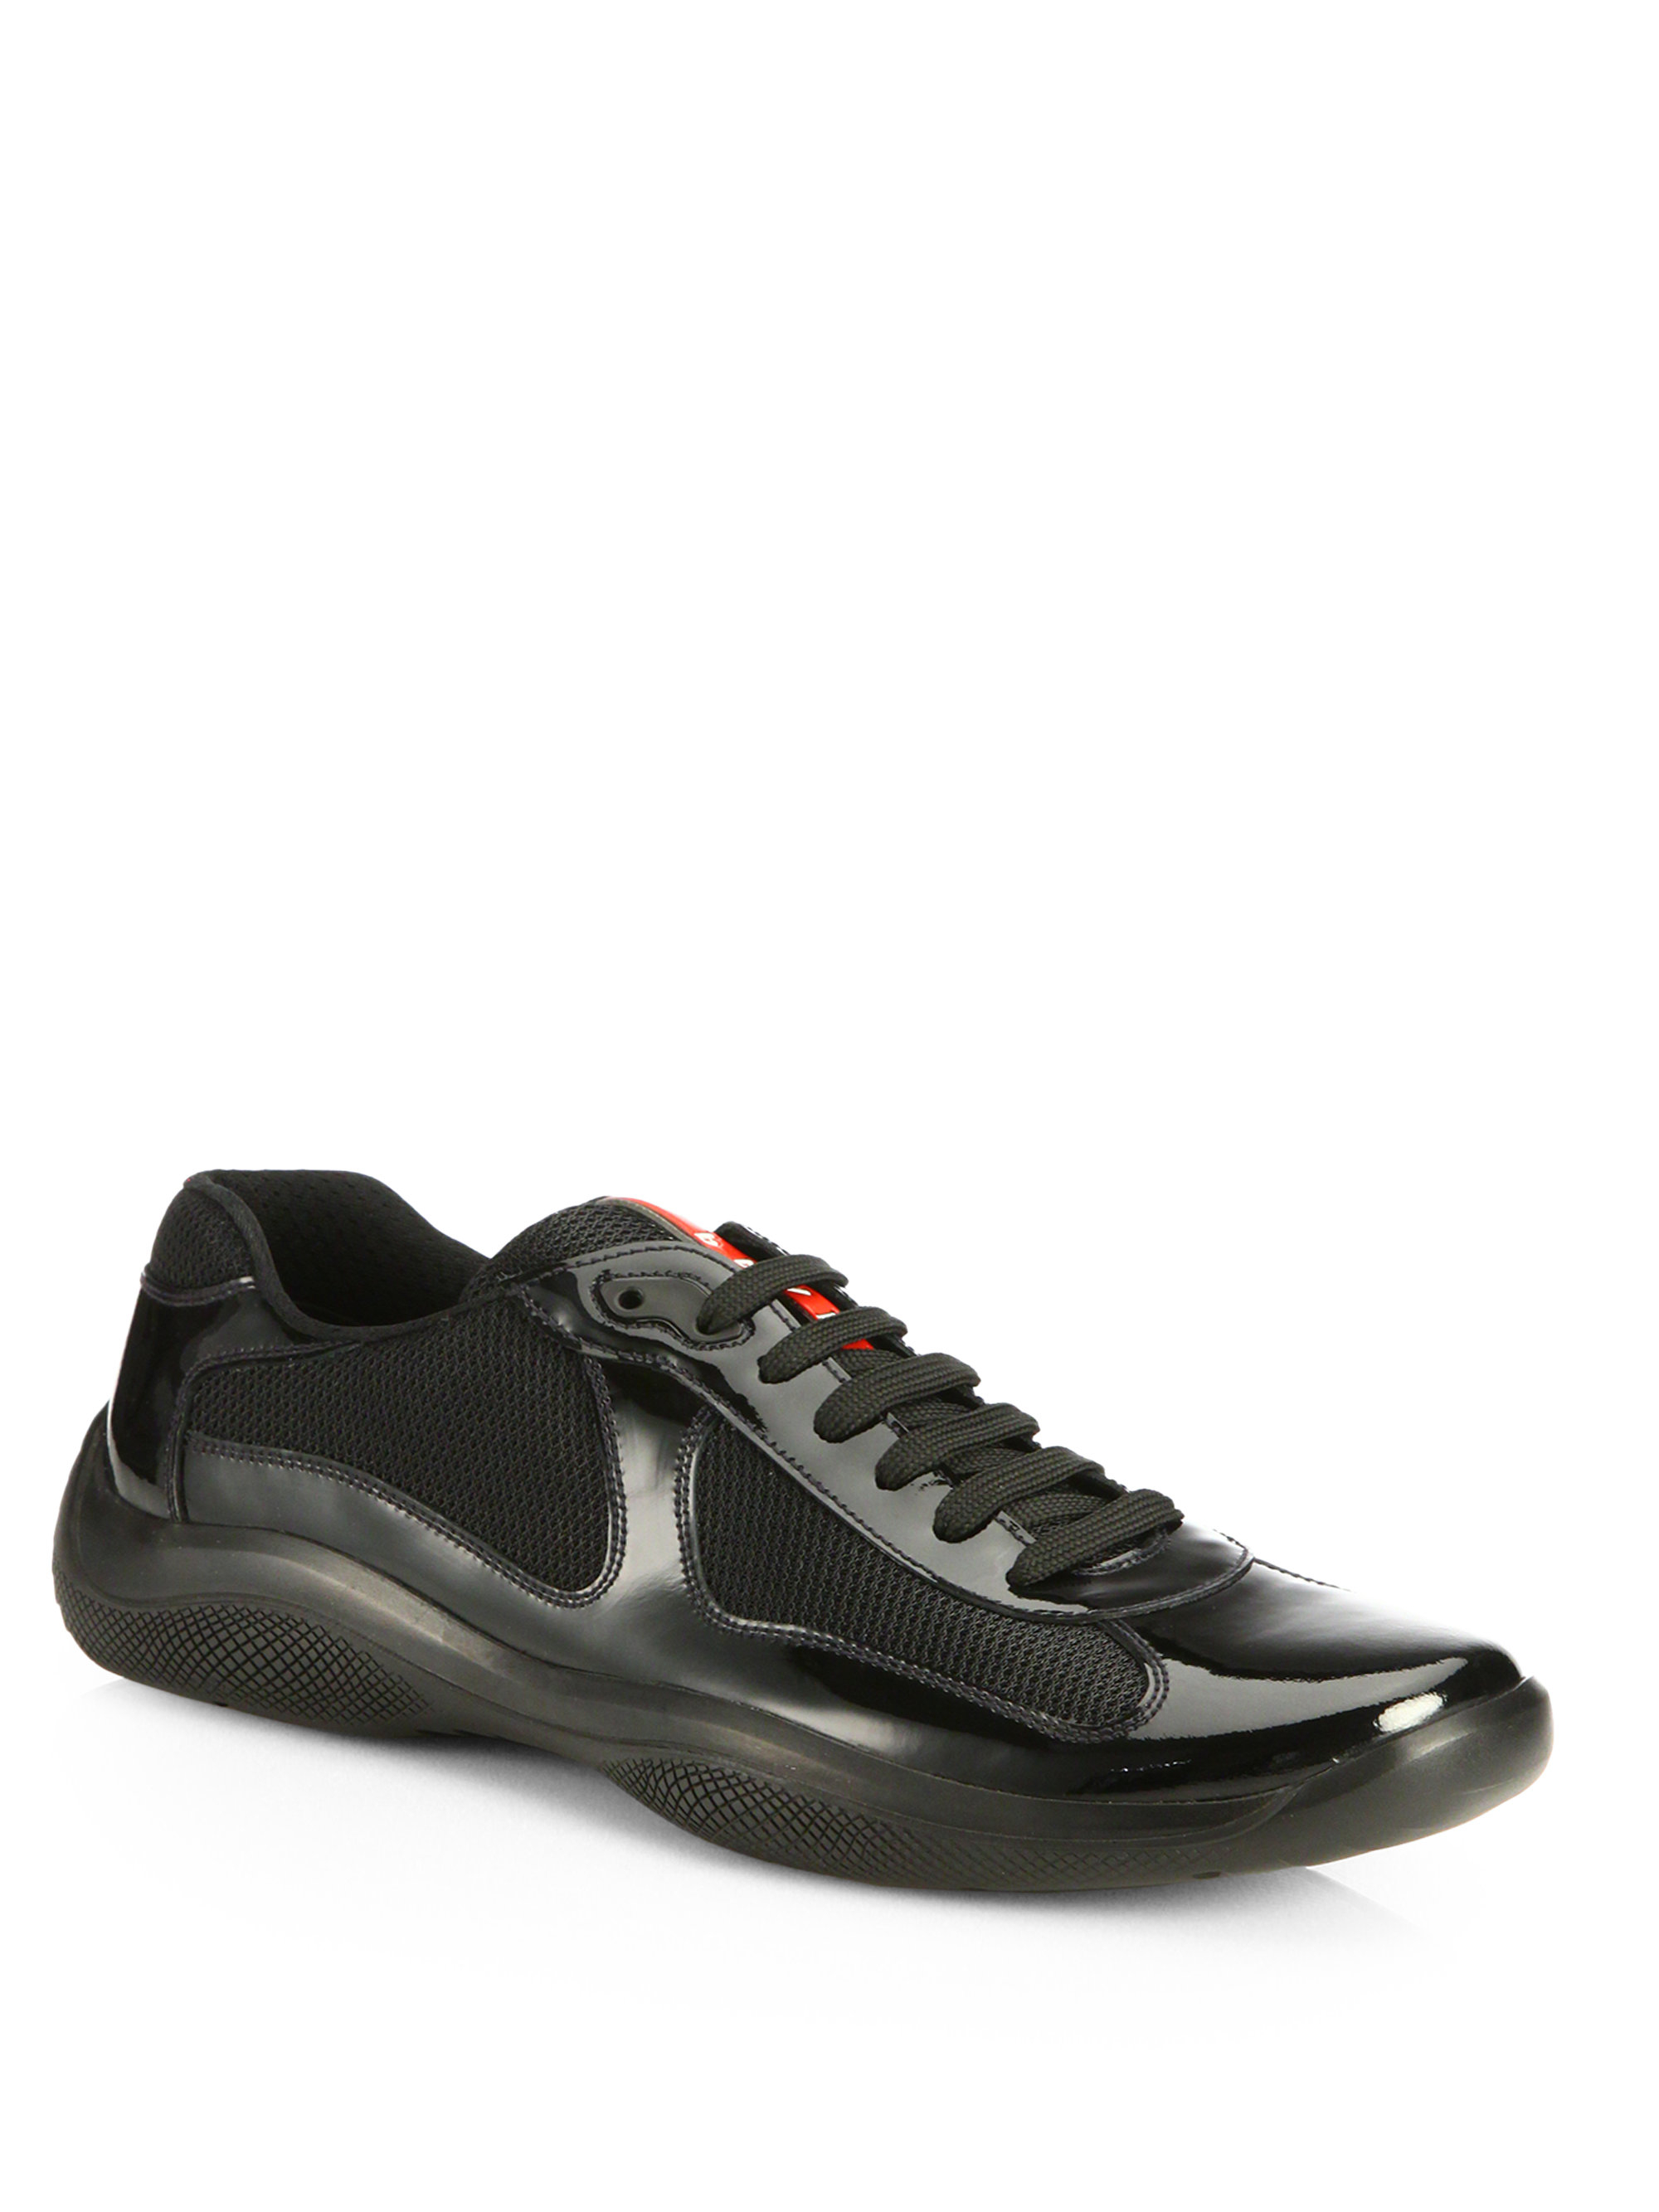 Prada Patent America's Cup Sneakers in Black for Men | Lyst